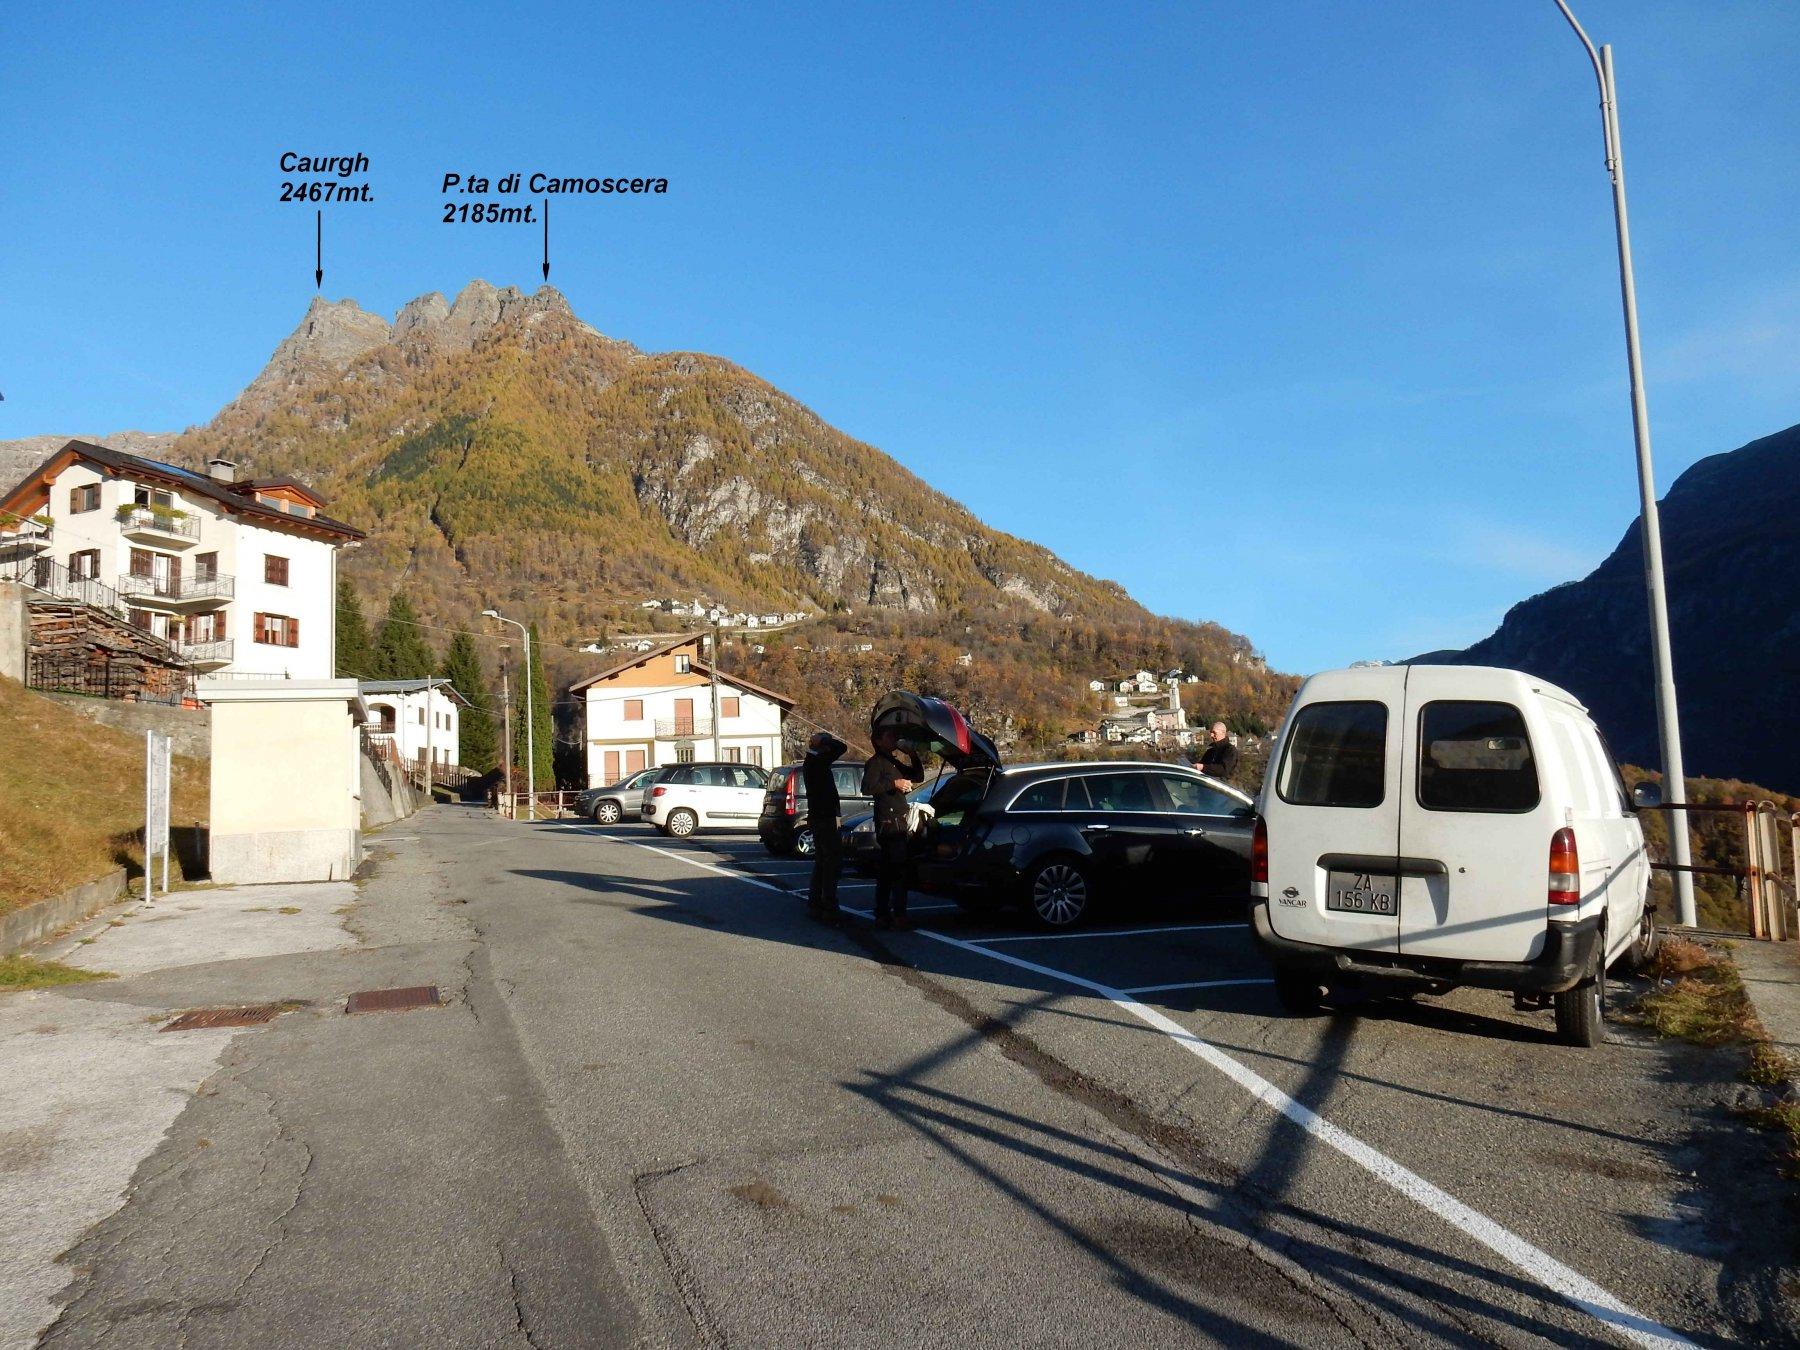 Parcheggio di Olmo 1056mt.